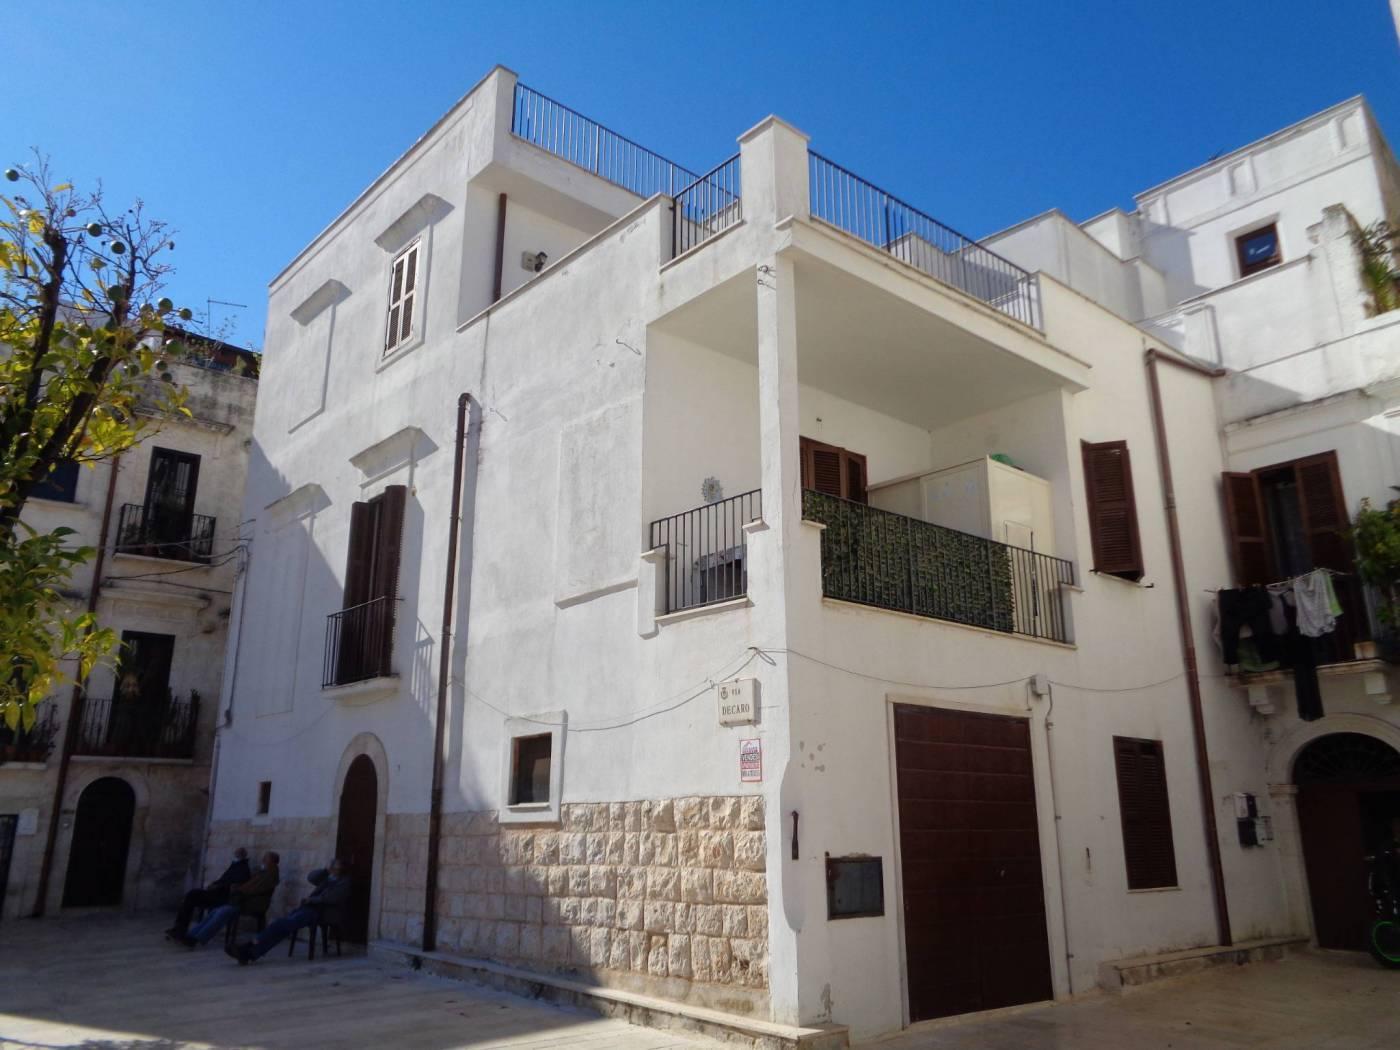 Appartamento in vendita a Noicàttaro, 2 locali, prezzo € 85.000 | PortaleAgenzieImmobiliari.it